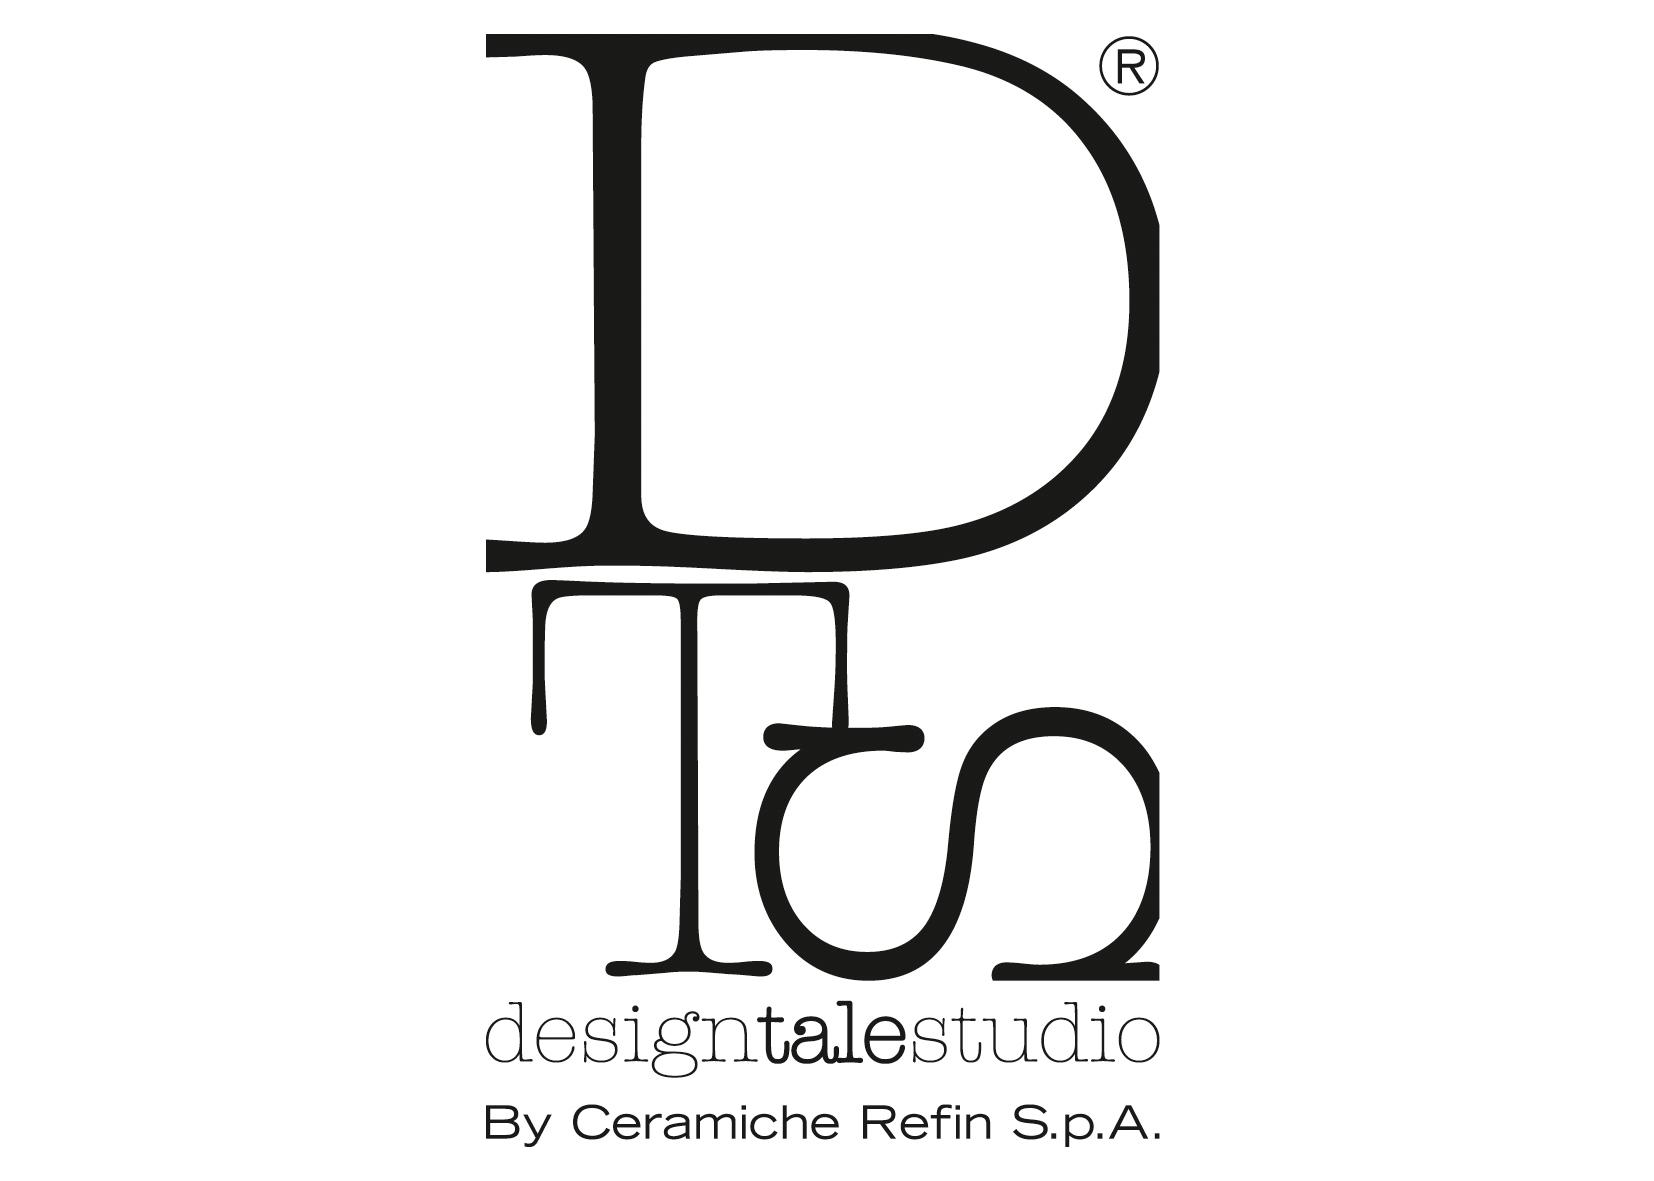 DesignTaleStudio by Ceramiche Refin S.p.A.